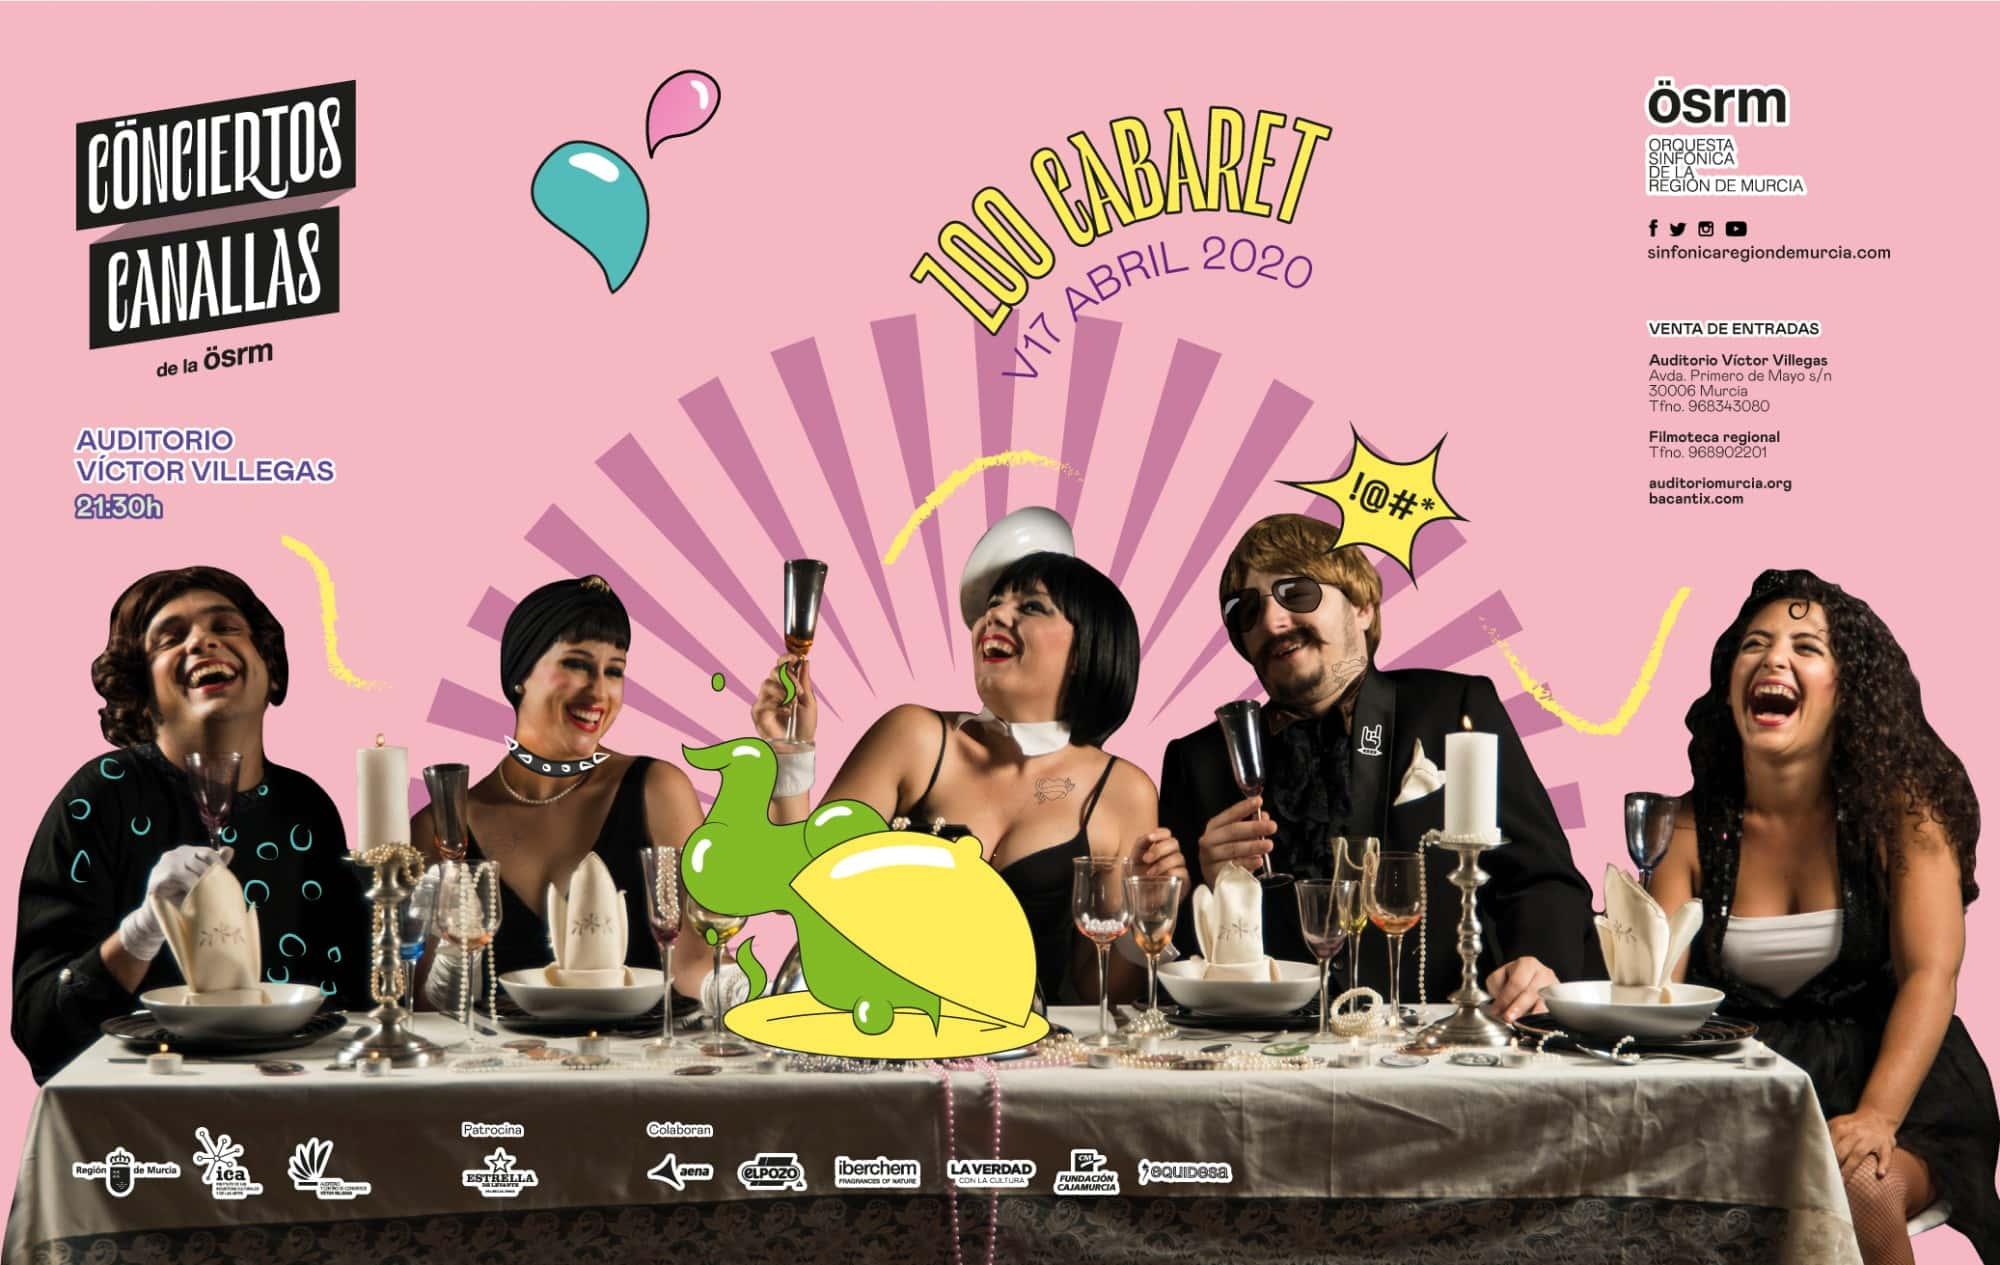 Zoo Cabaret Conciertos Canallas